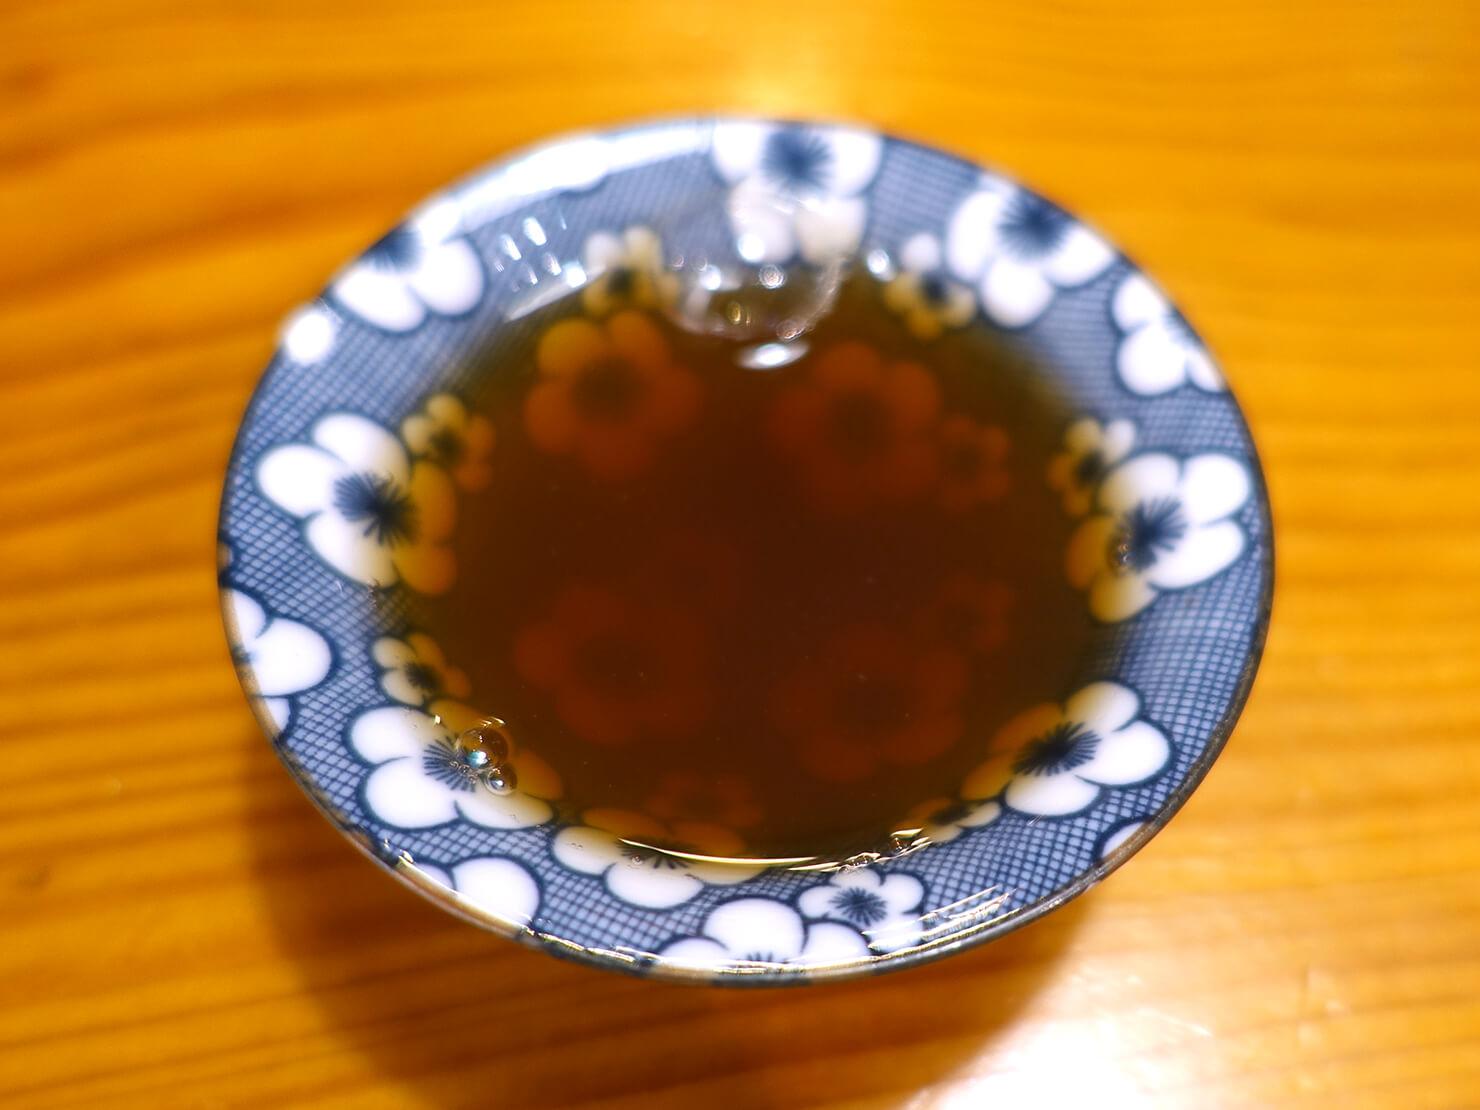 台北・臨江街夜市のおすすめグルメ店「一兩十錢青草舖」の桂花烏梅茶クローズアップ